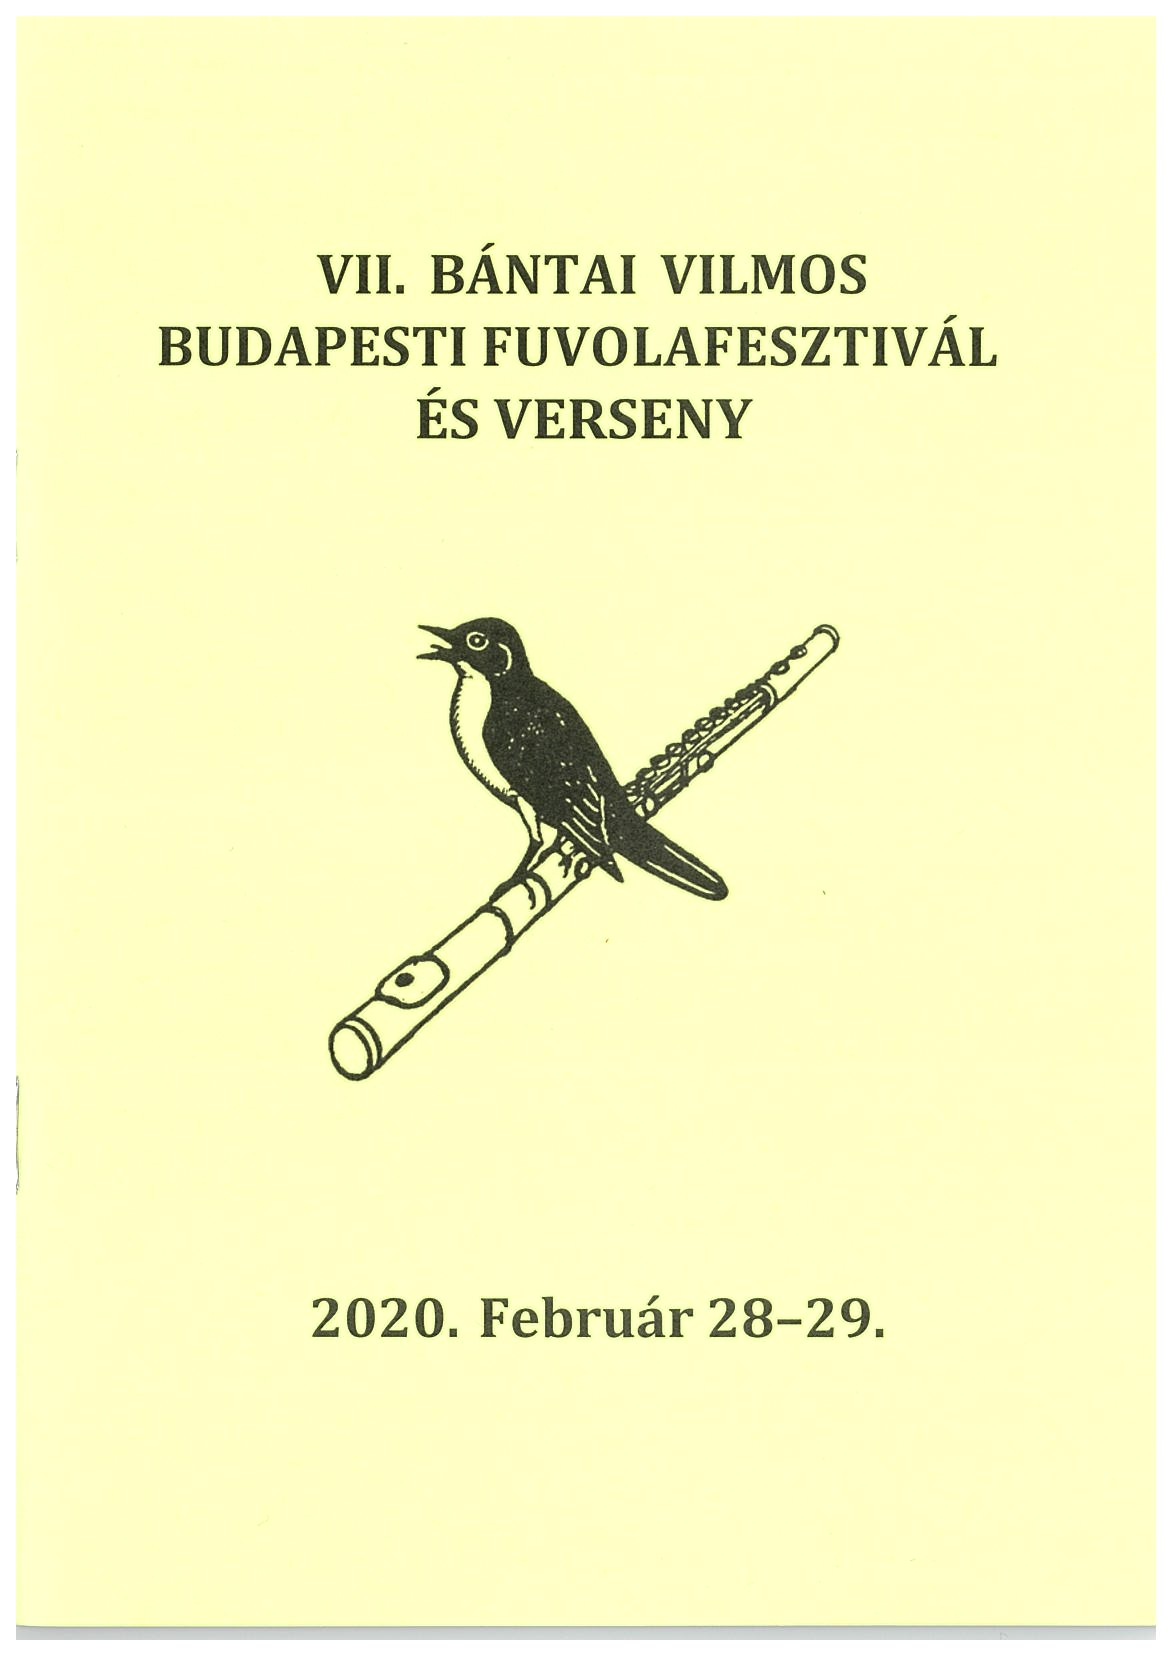 VII. Bántai Vilmos Budapesti Fuvolafesztivál És Verseny